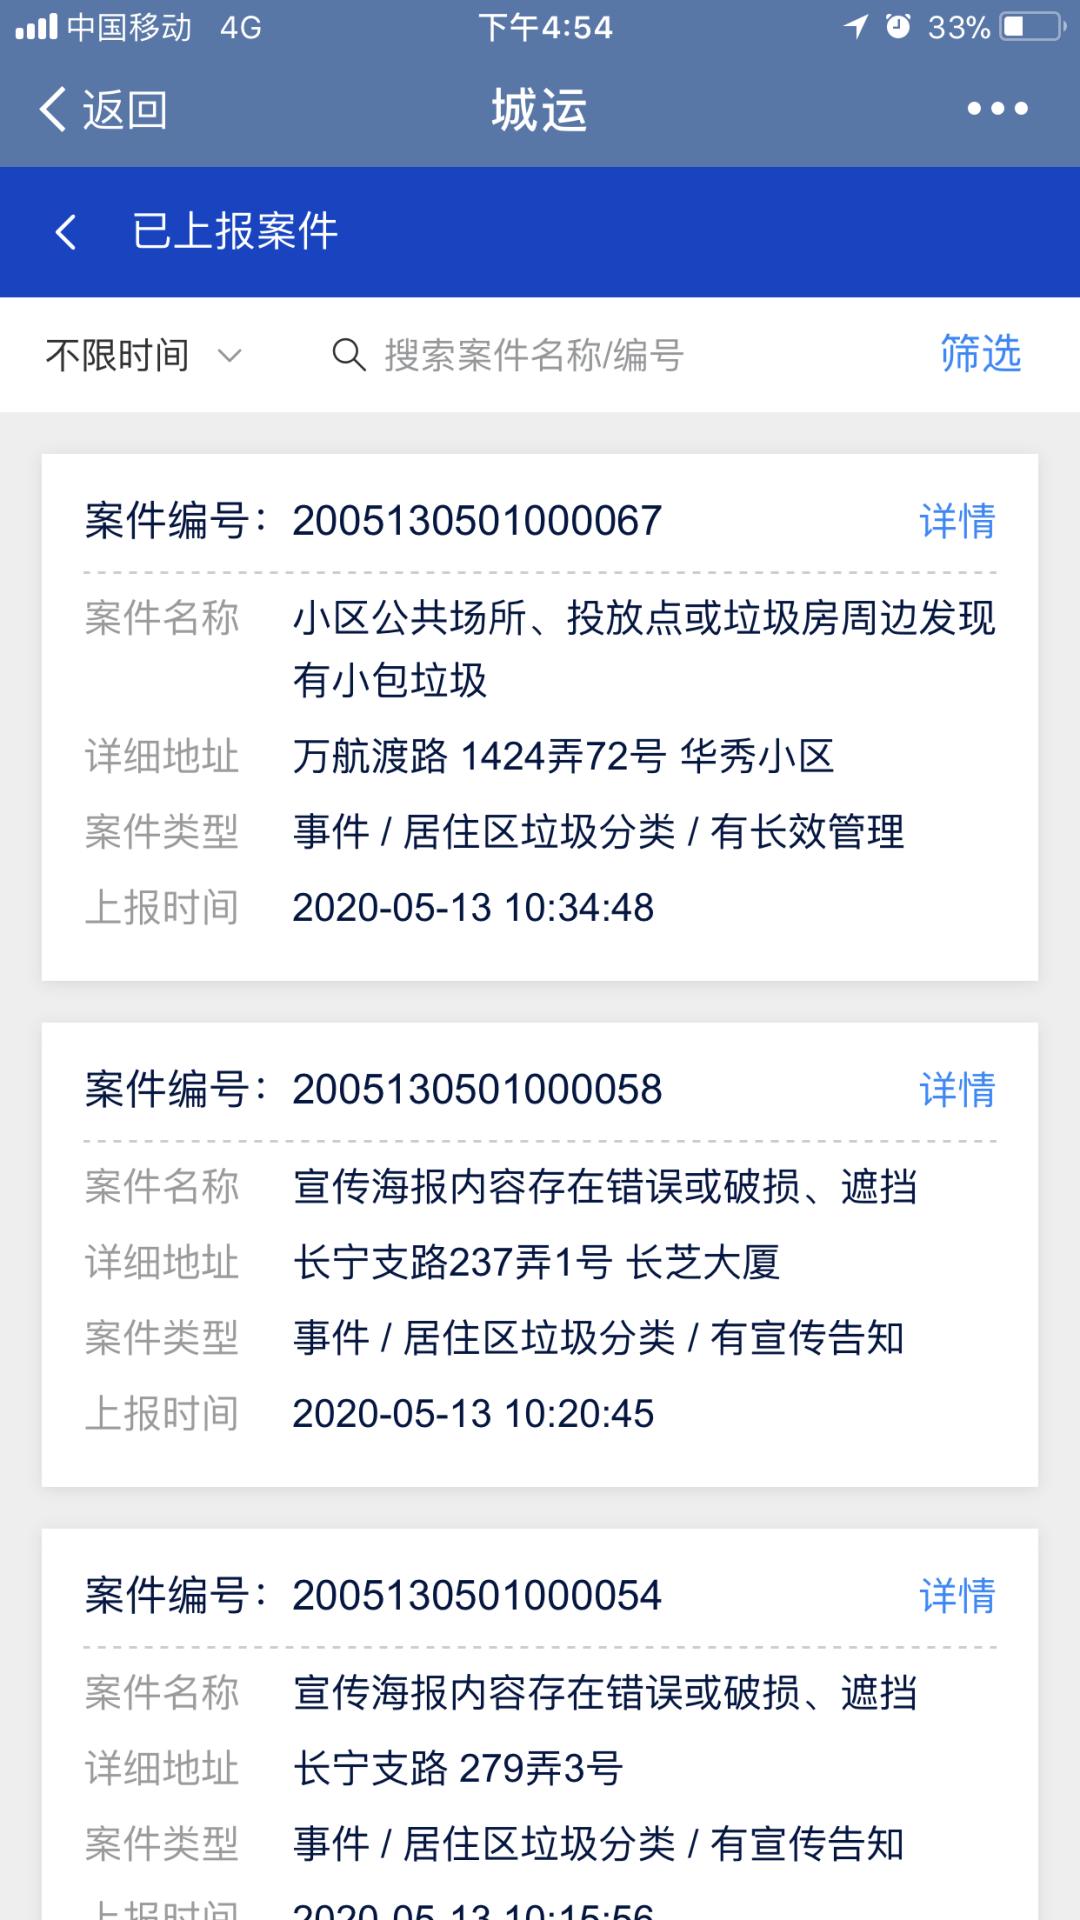 居家隔离过后,200个闲置门磁何去何从?上海这个街道火速派上了新用场